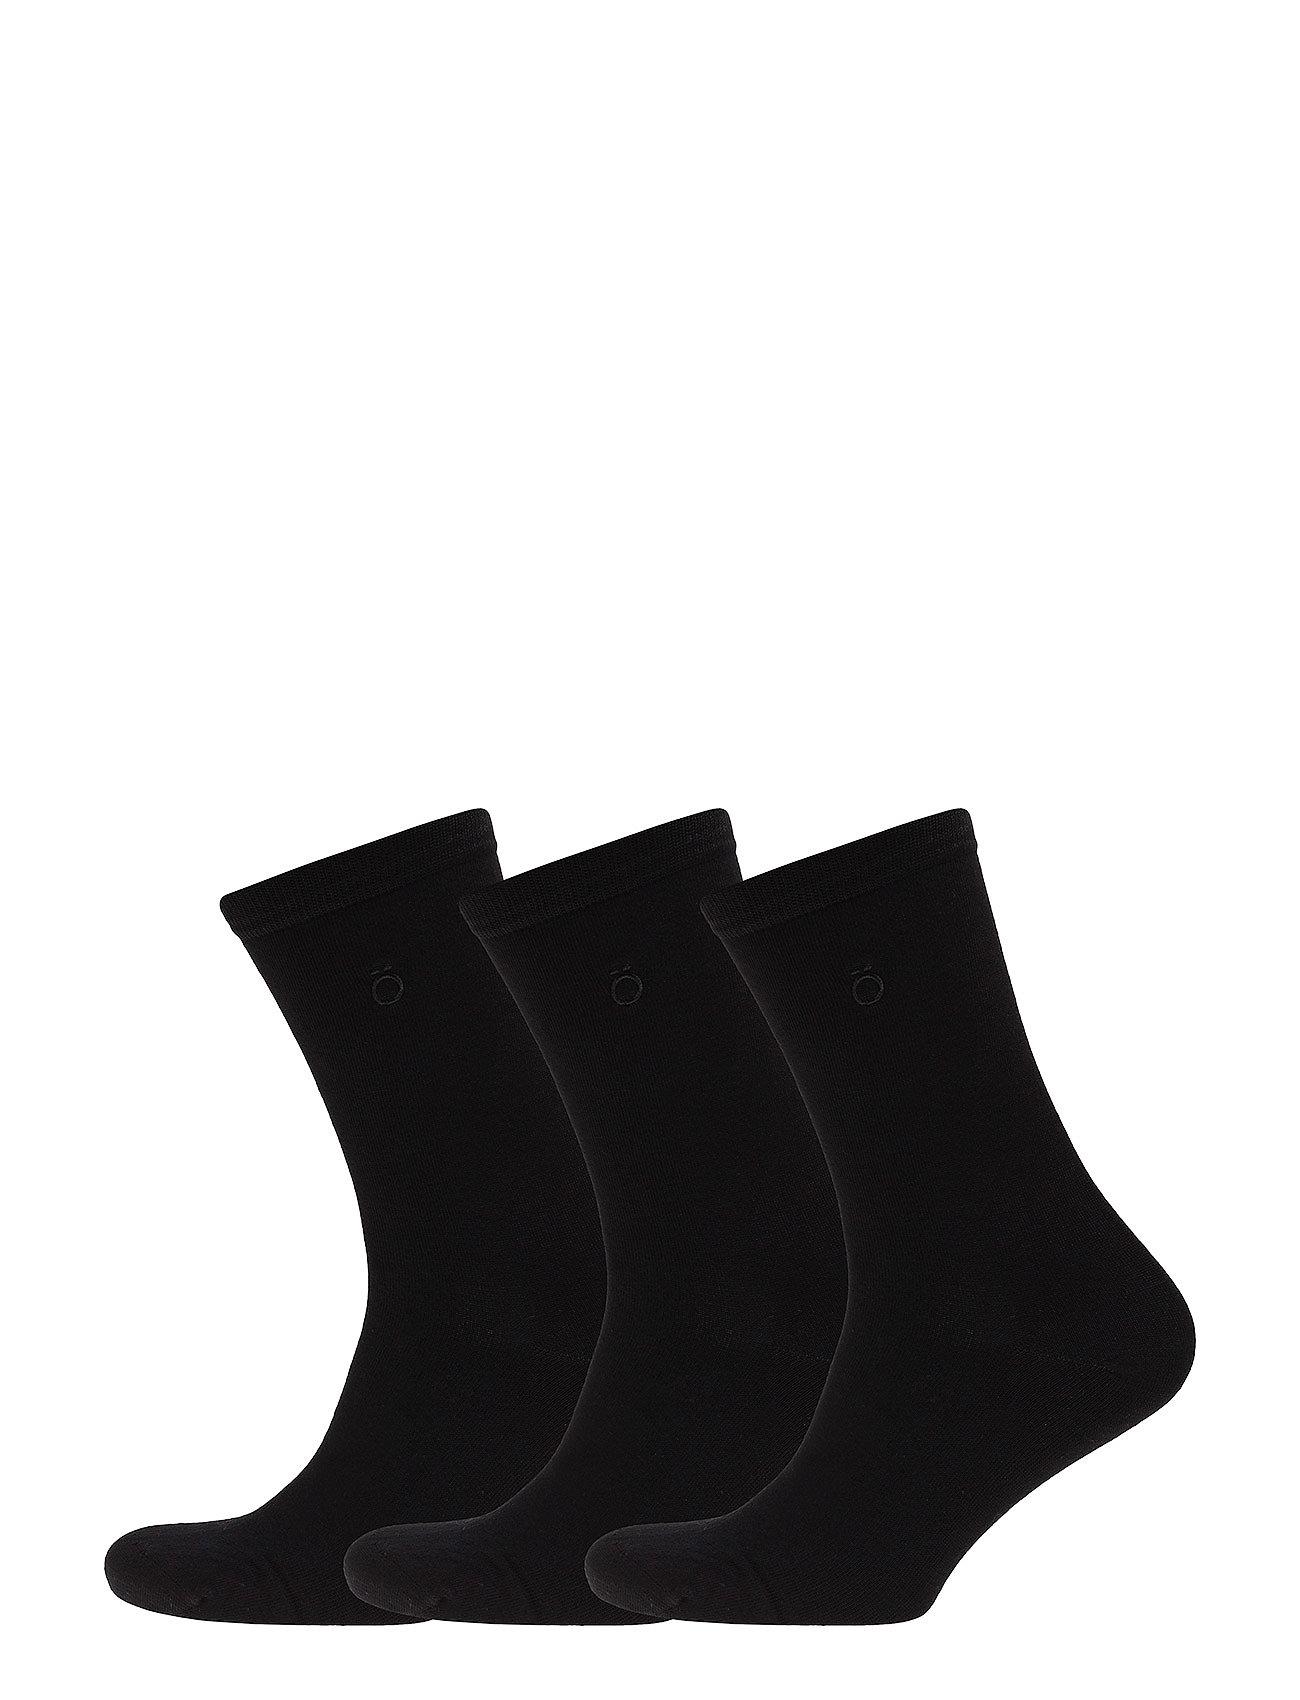 Resteröds Resteröds bamboo socks 3 pack Strumpor